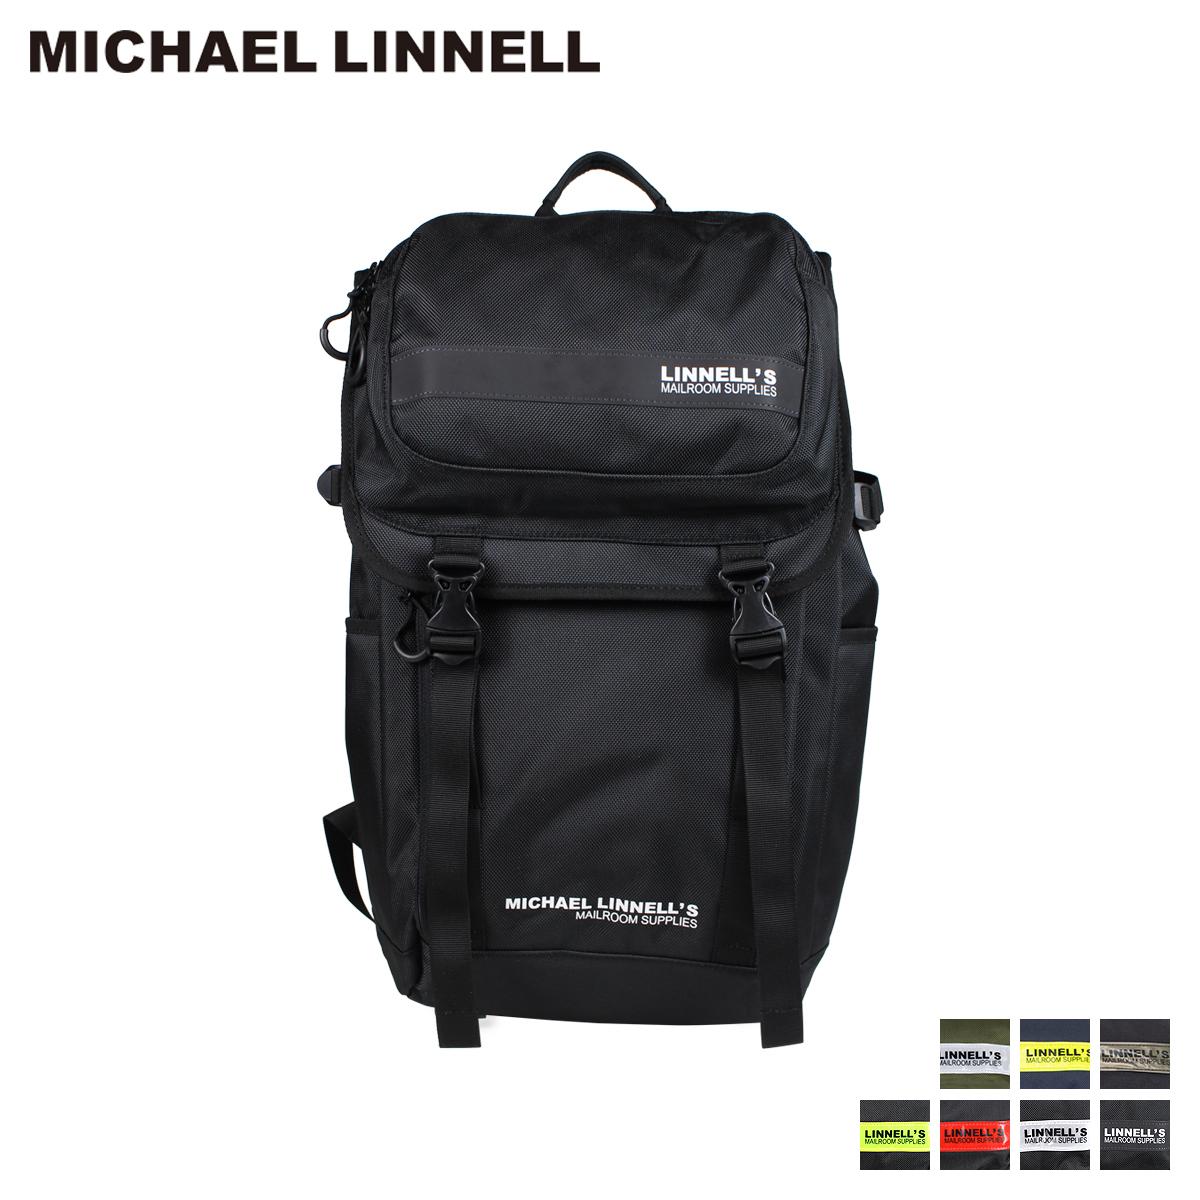 MICHAEL LINNELL マイケルリンネル リュック バッグ 27L メンズ レディース バックパック DOUBLE DECKER ブラック ネイビー カーキ 黒 ML-018